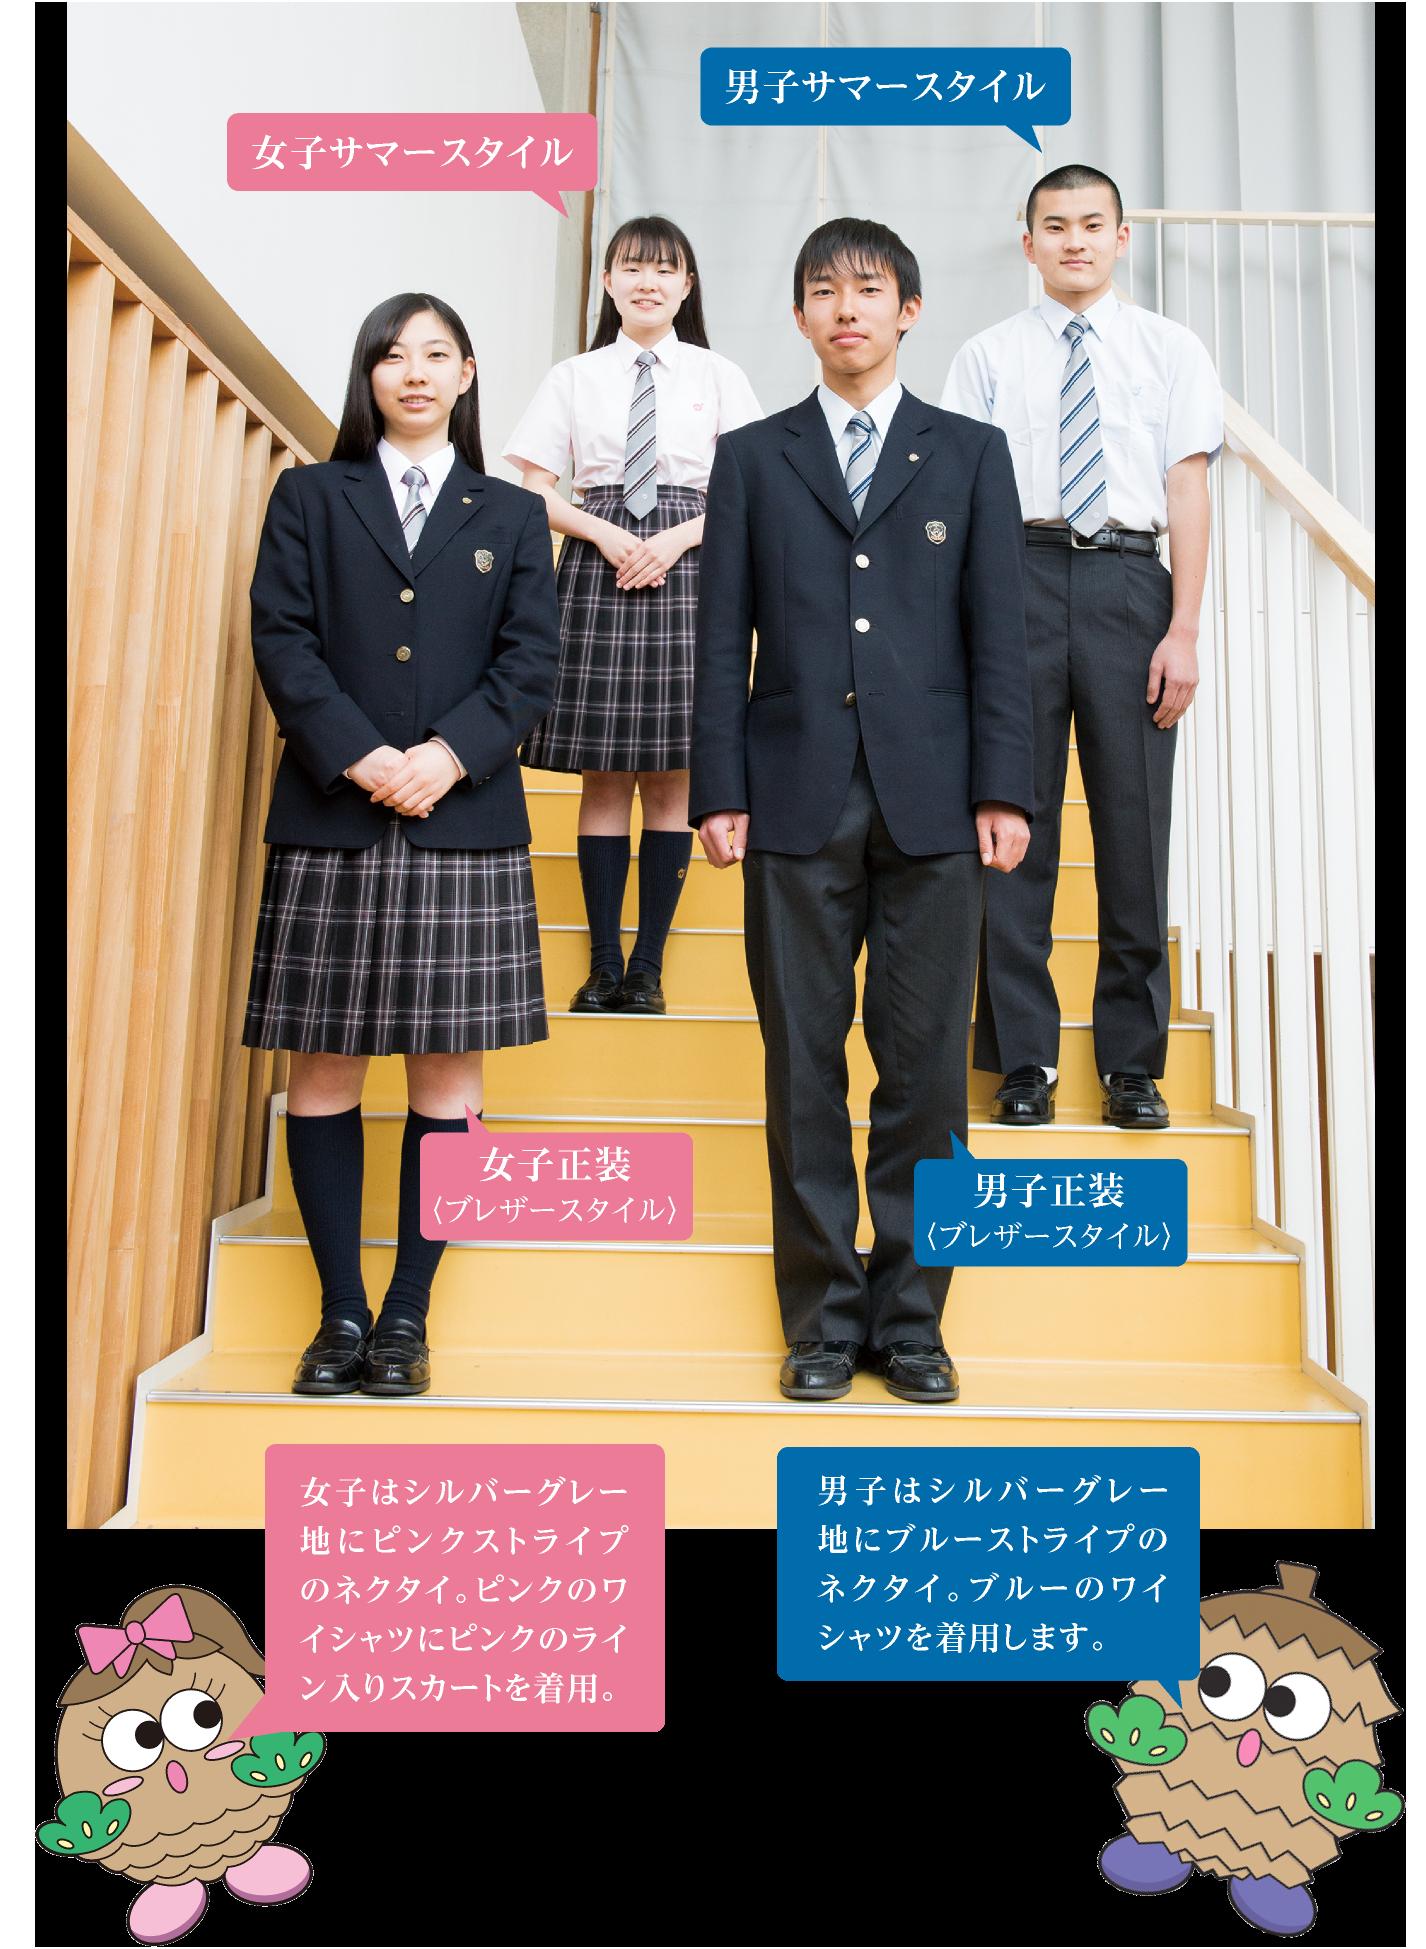 高等学校制服紹介